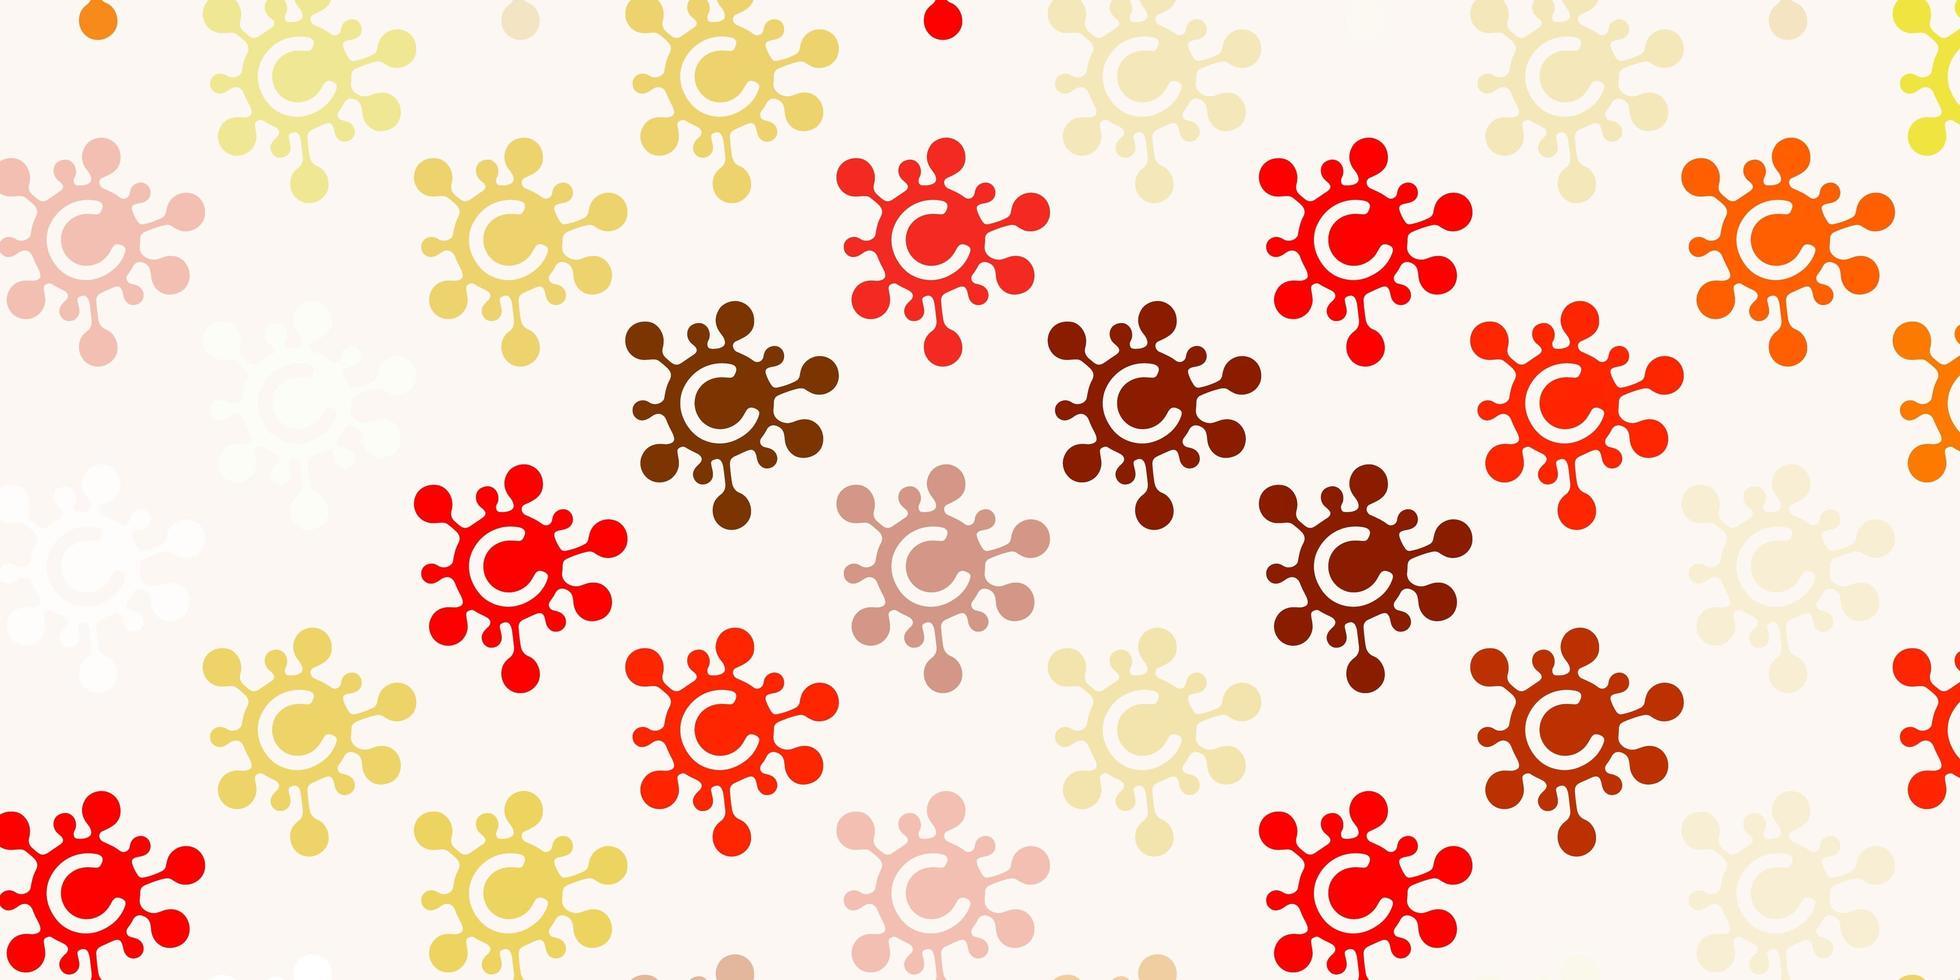 rosso chiaro, trama gialla con simboli di malattia. vettore